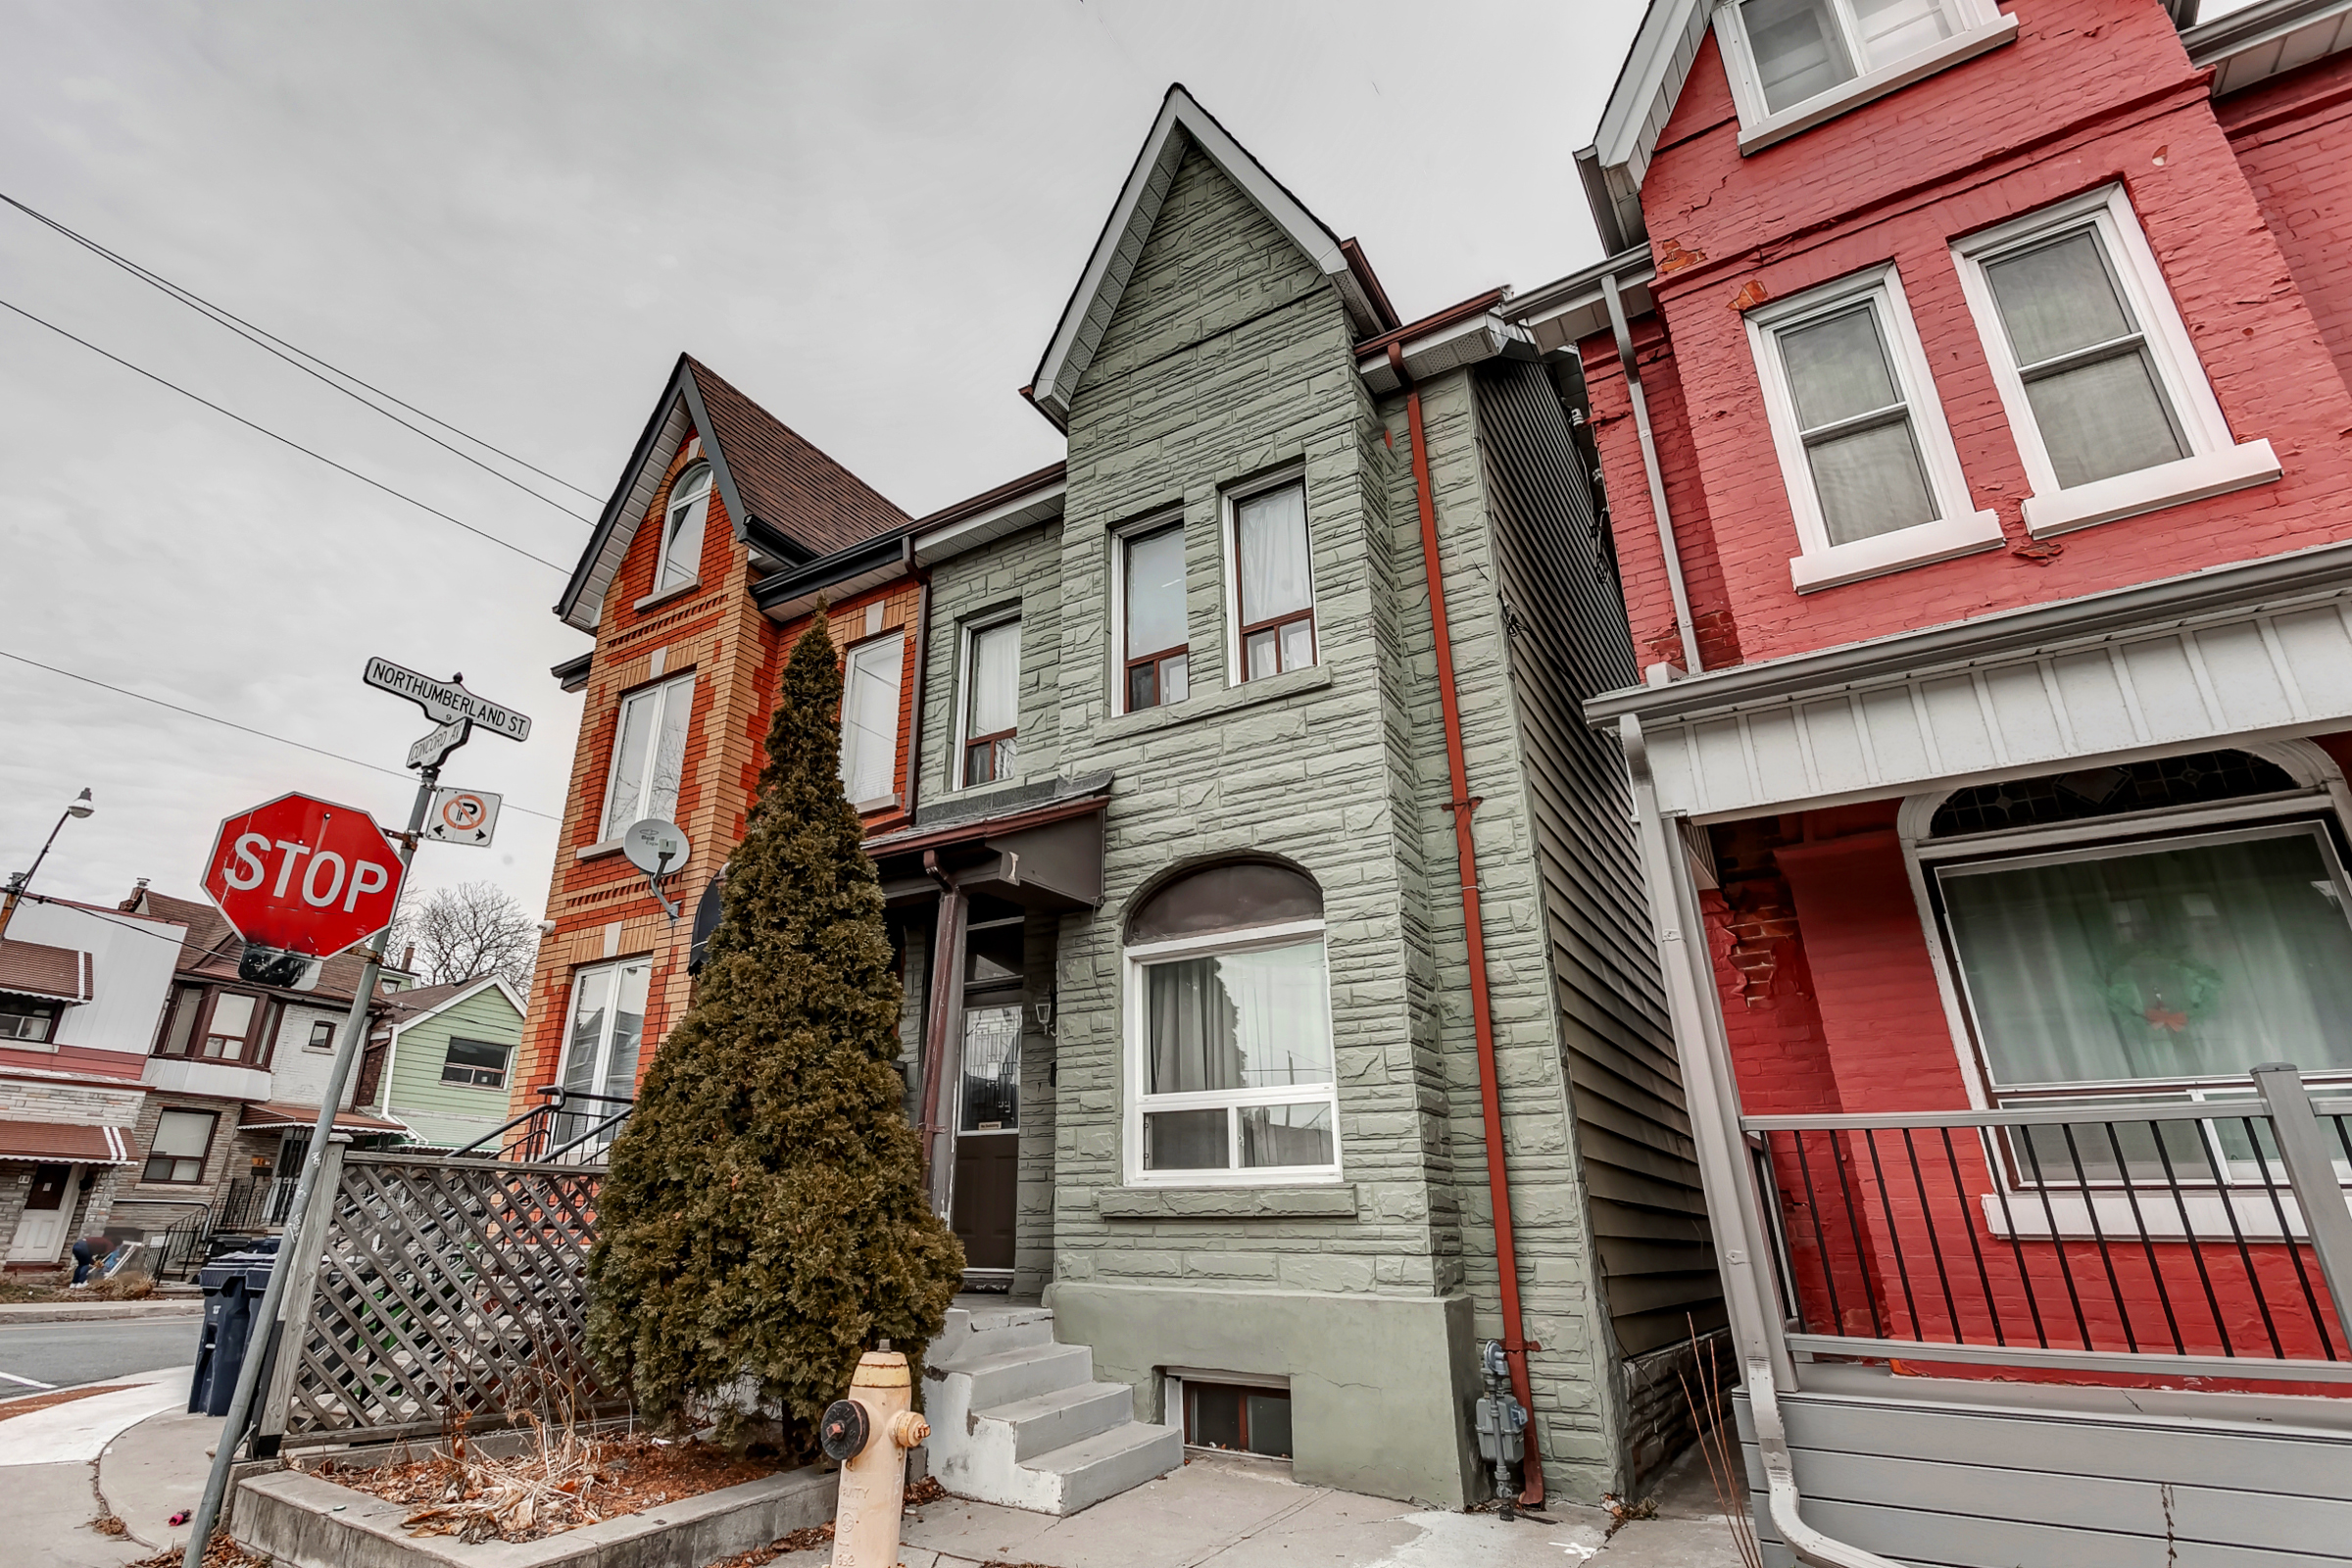 325 Concord Avenue: Toronto Home for Sale